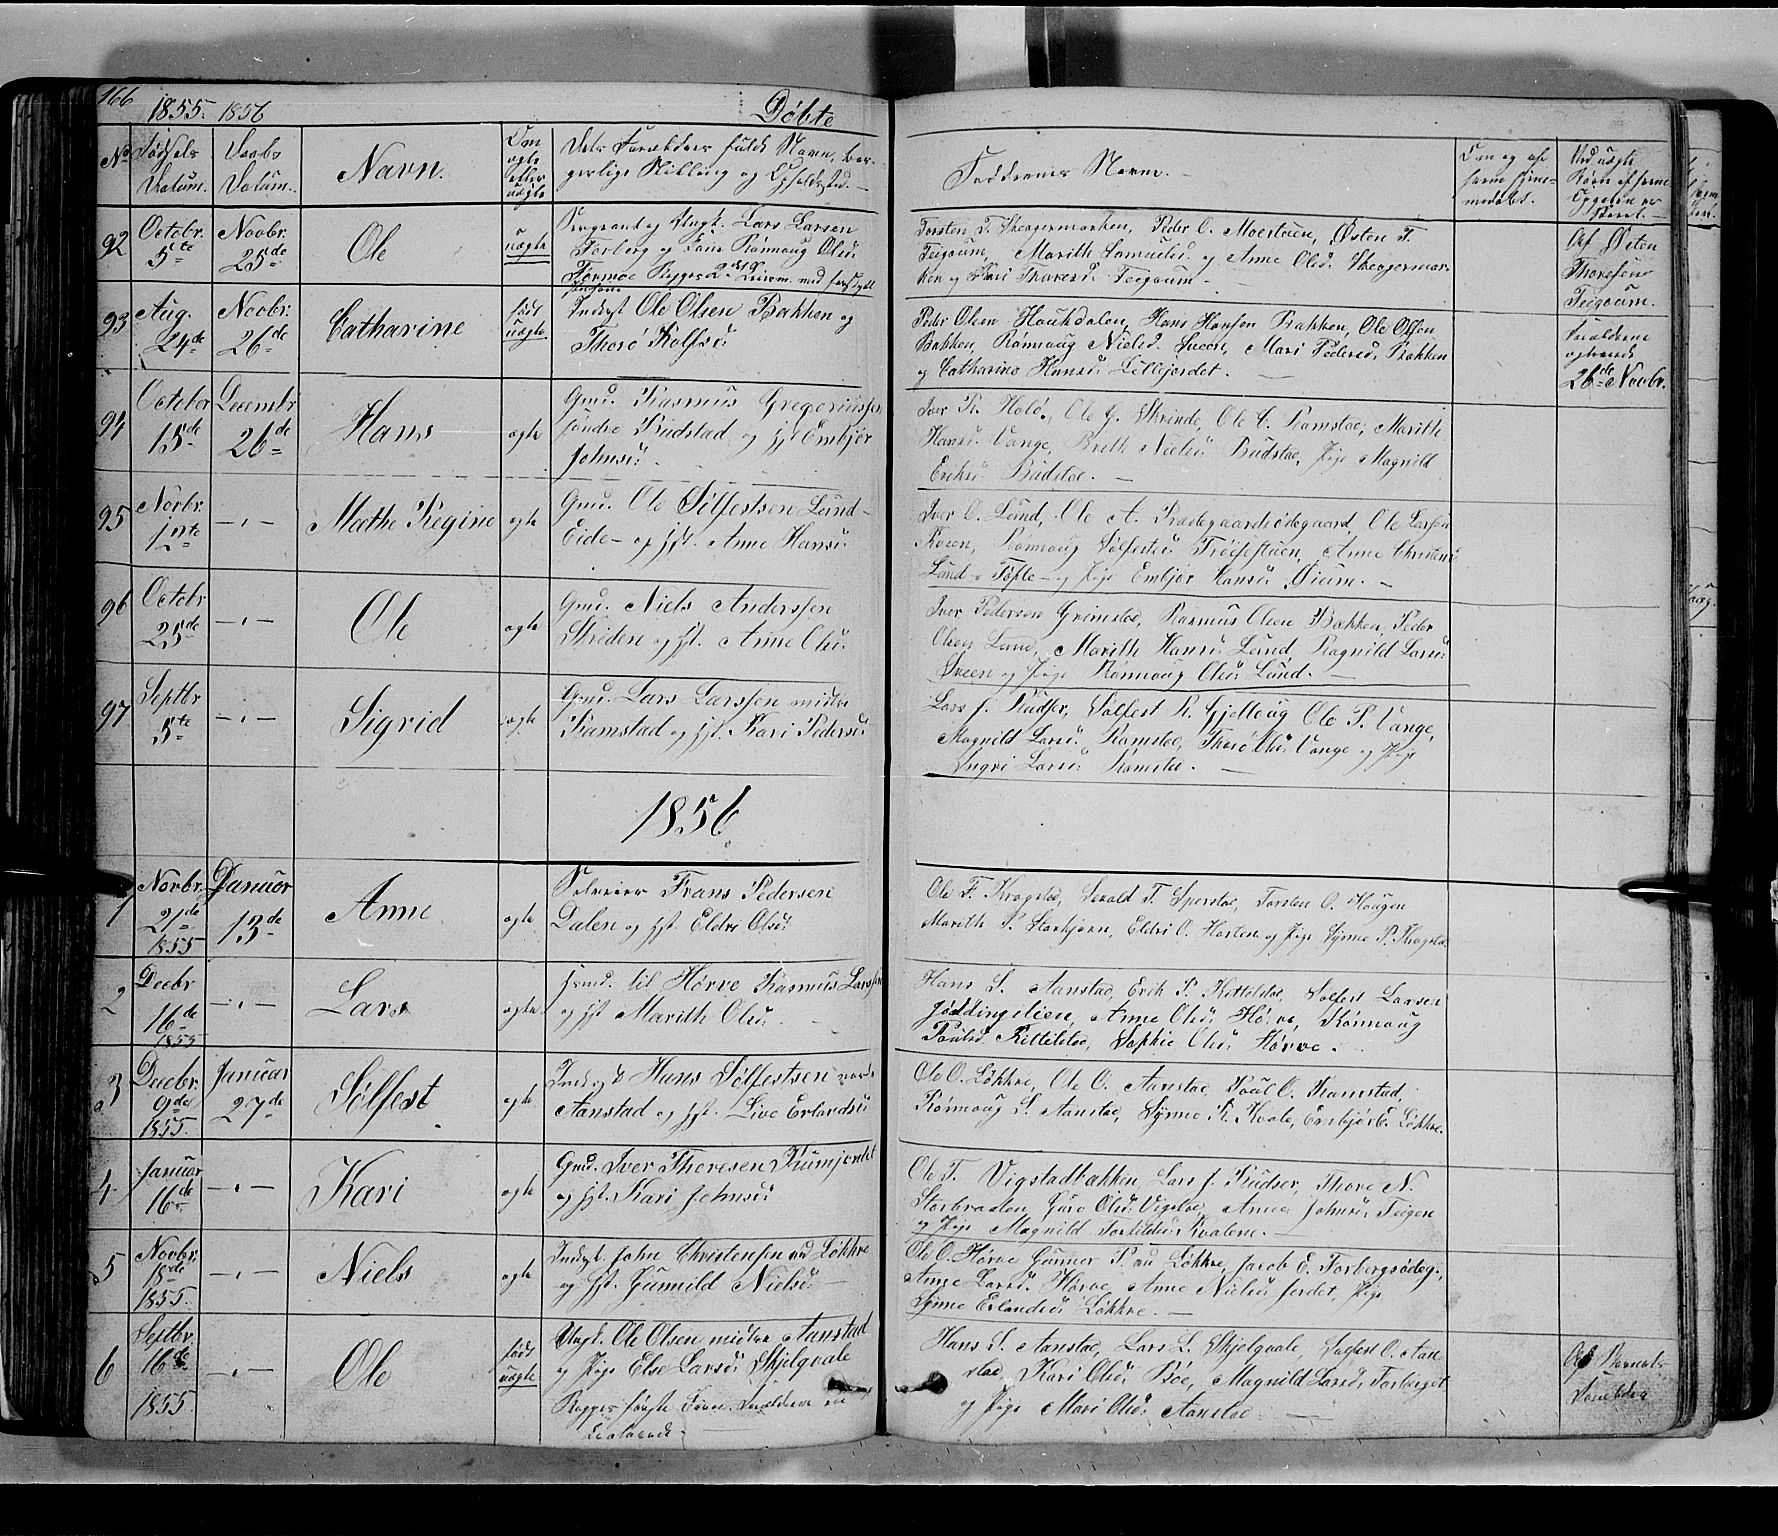 SAH, Lom prestekontor, L/L0004: Klokkerbok nr. 4, 1845-1864, s. 166-167